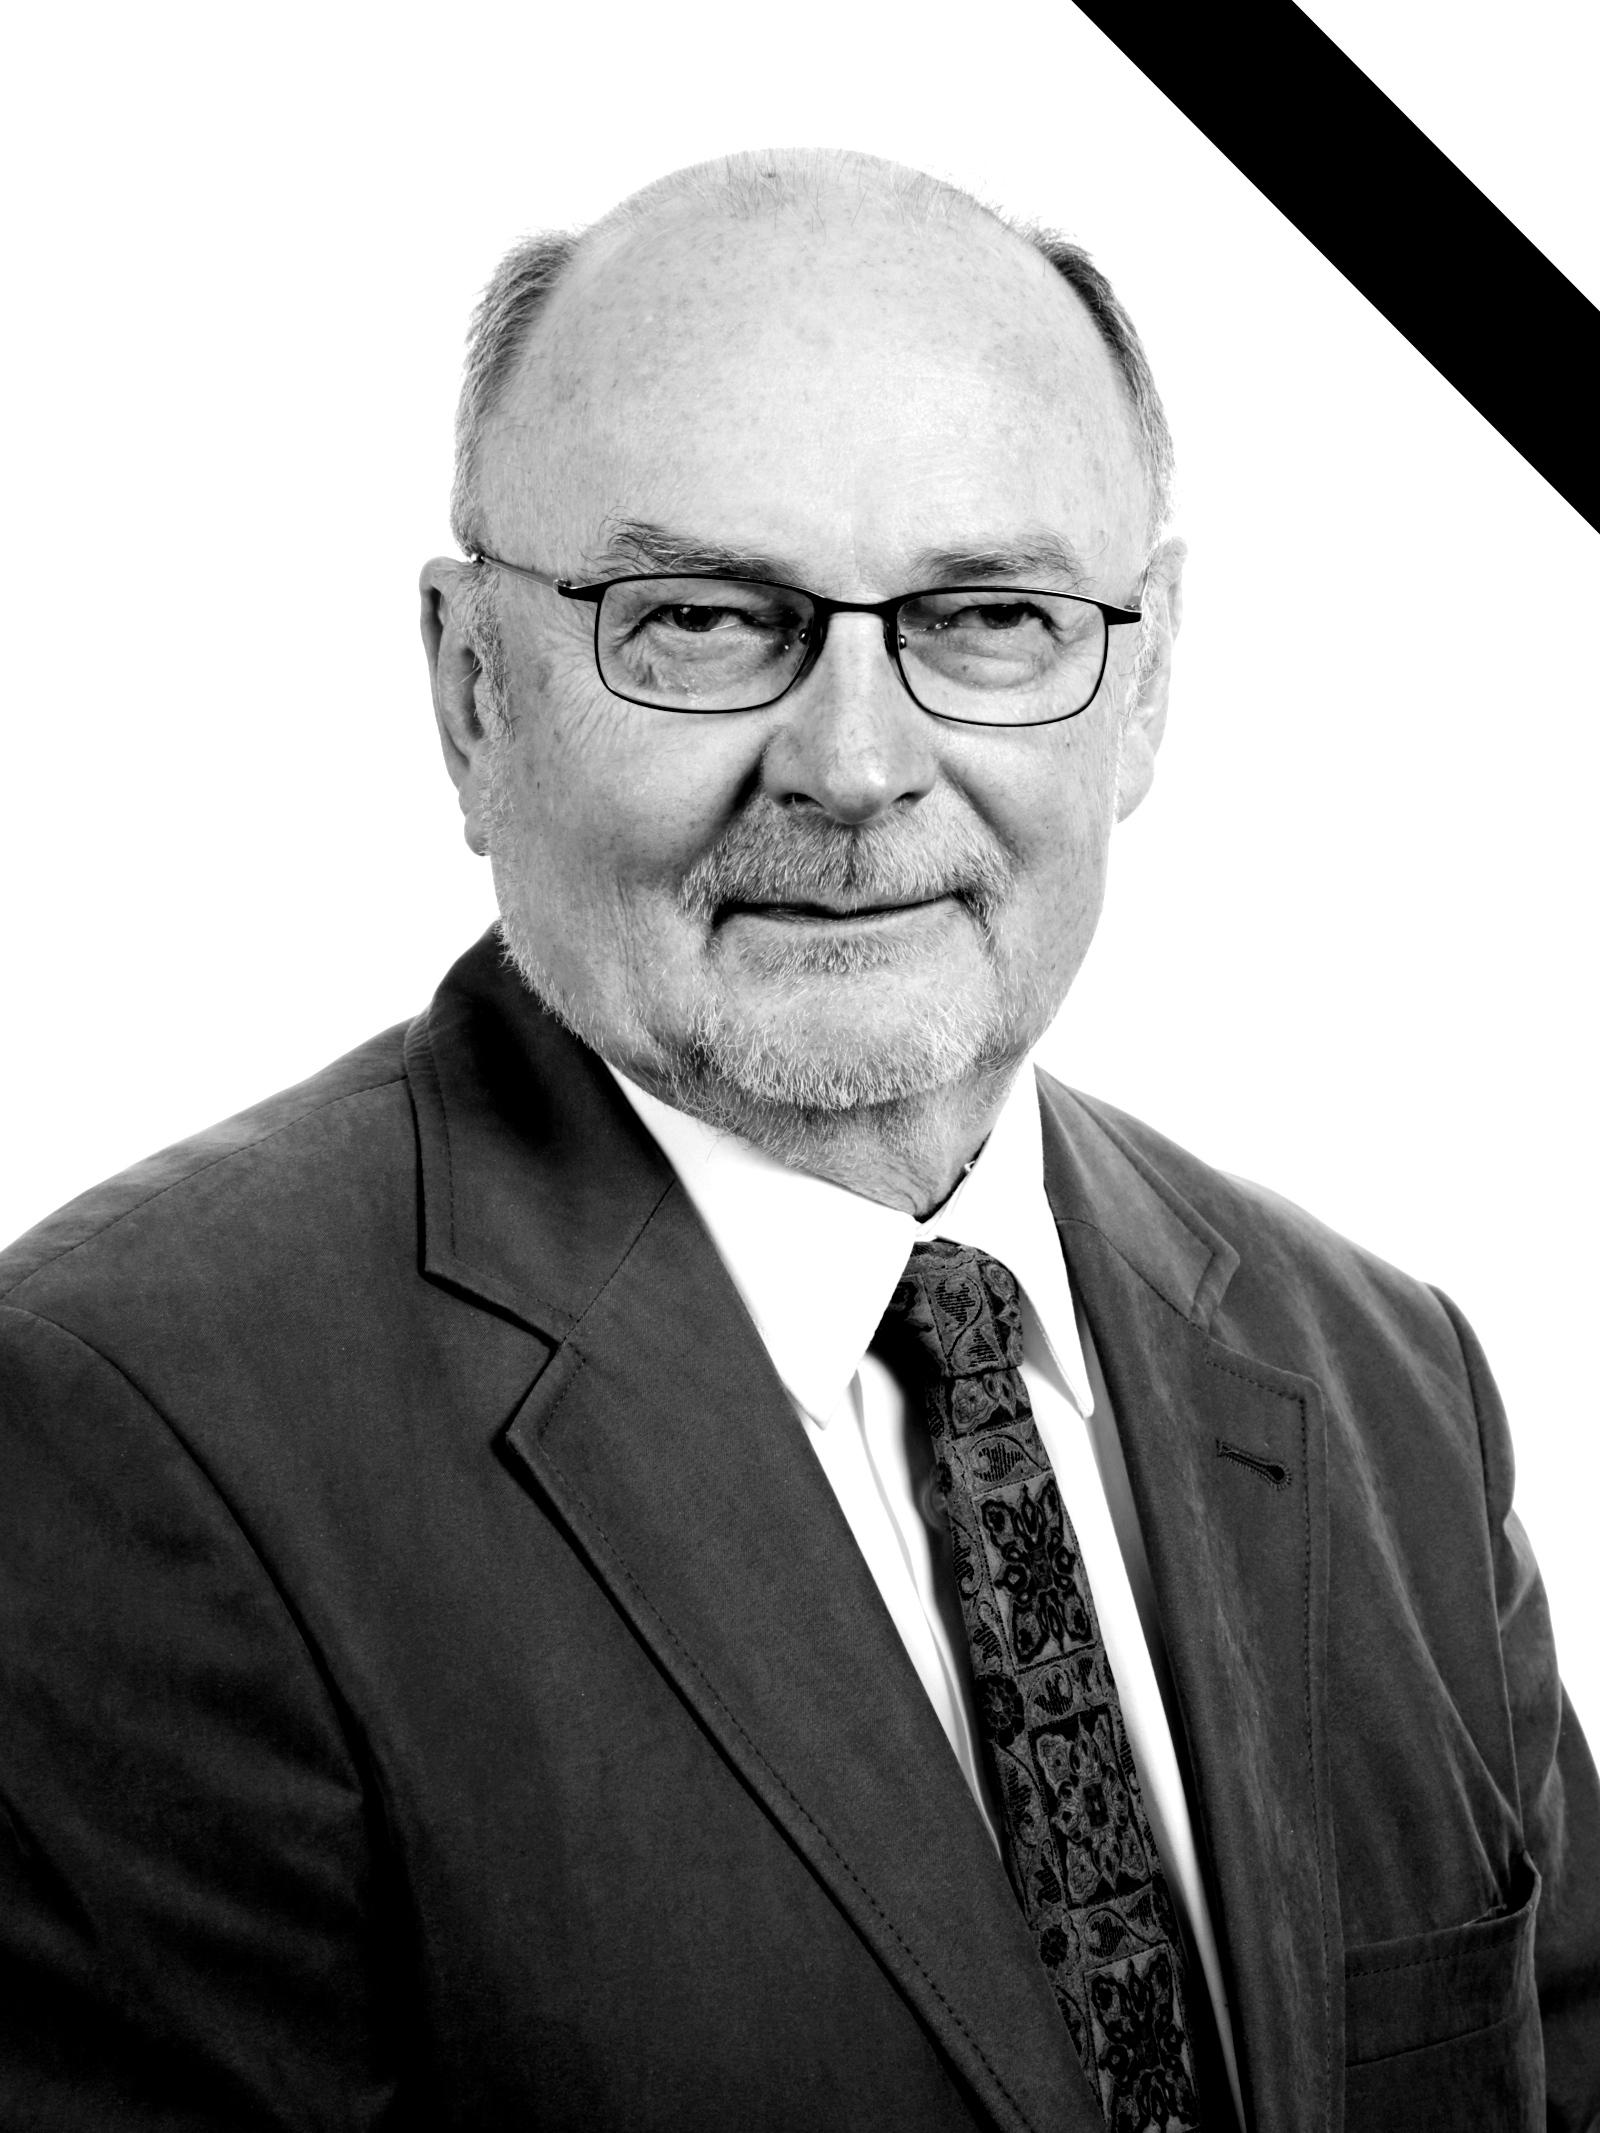 Trauerbild Dr. Dieter Rose